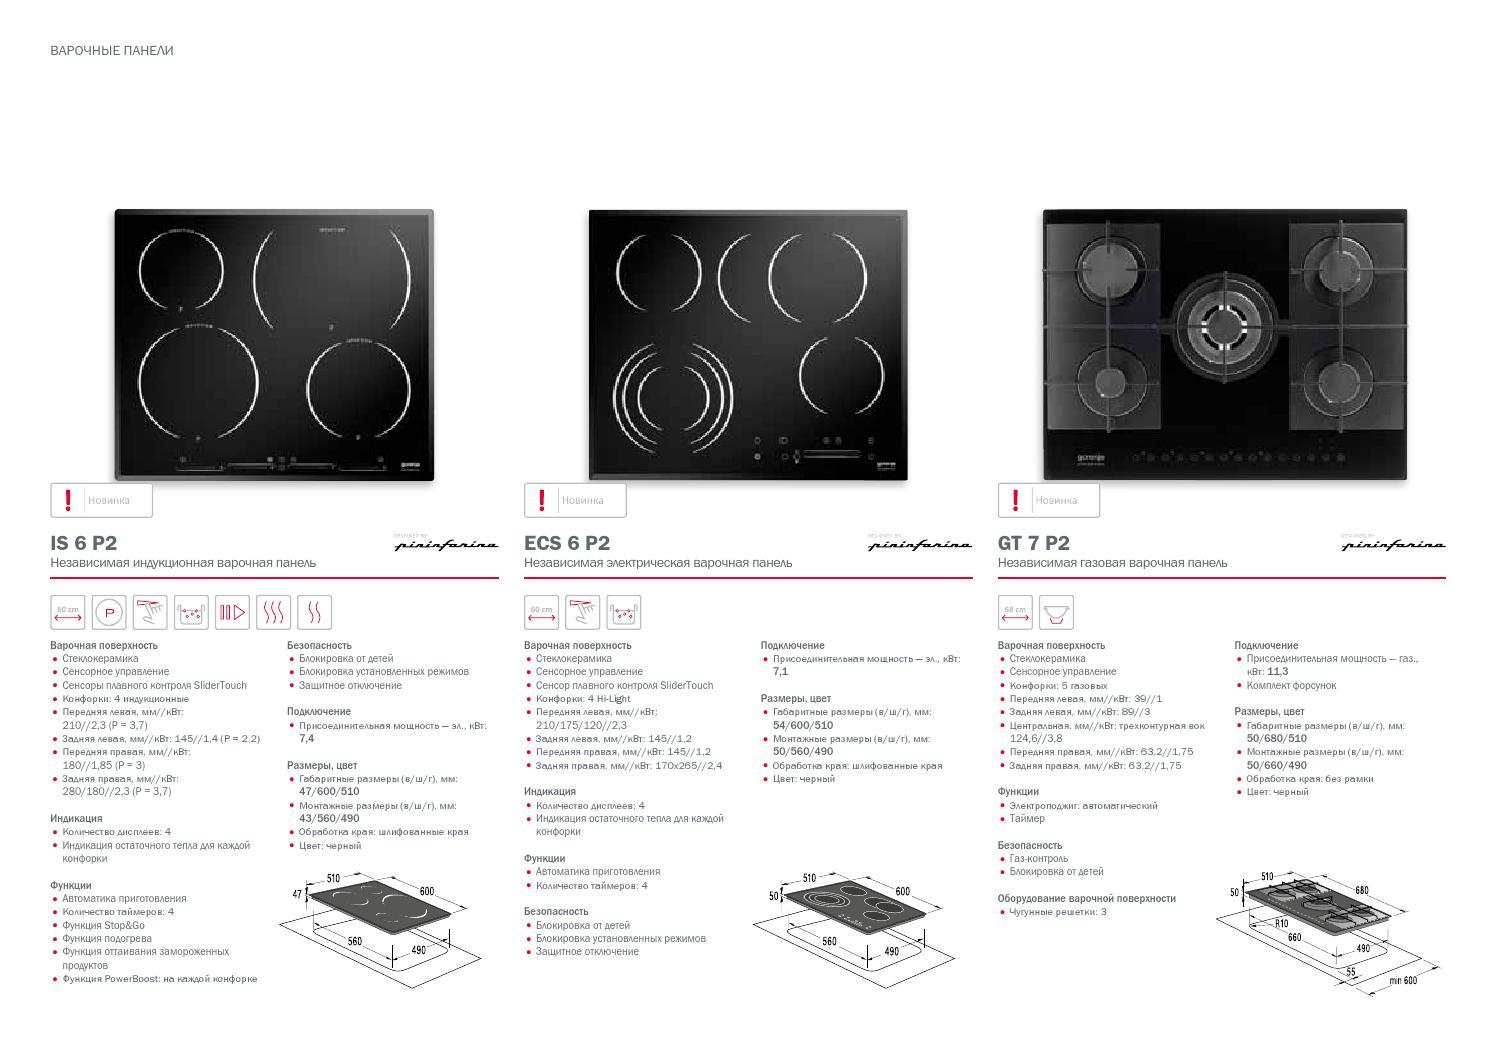 Какая потребляемая мощность у индукционной плиты